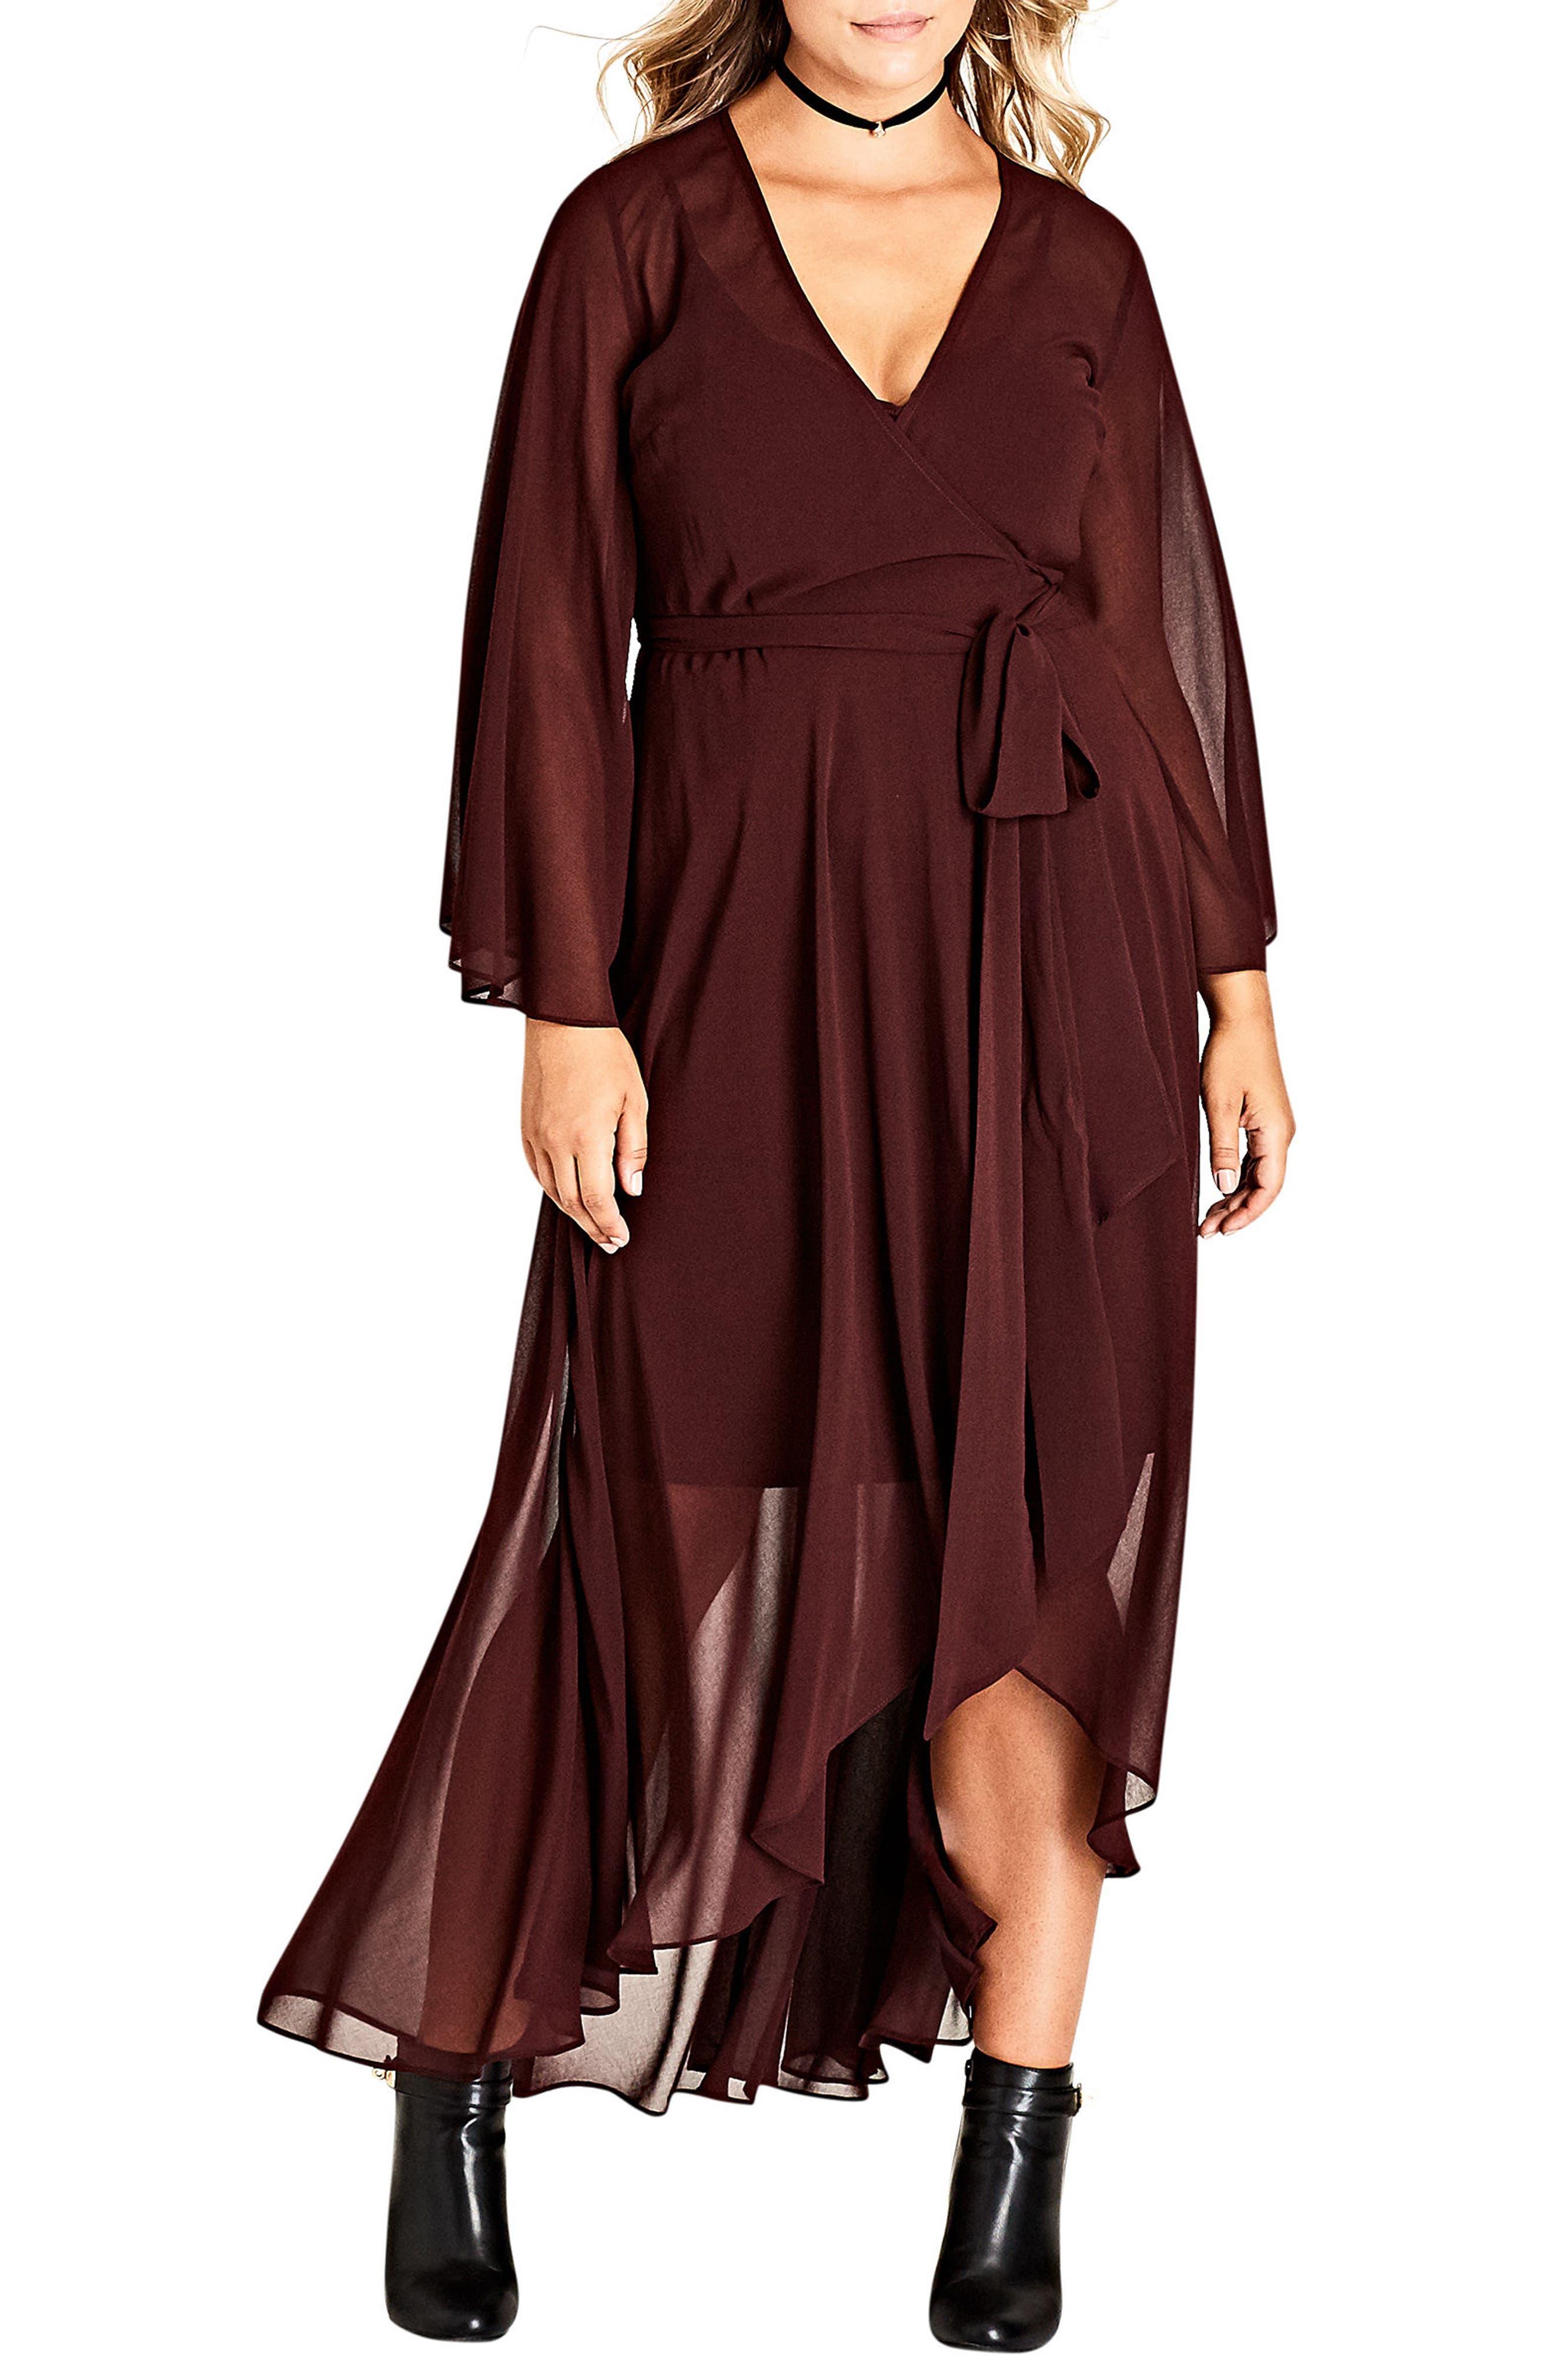 'Fleetwood' Maxi Dress,                         Main,                         color, Oxblood